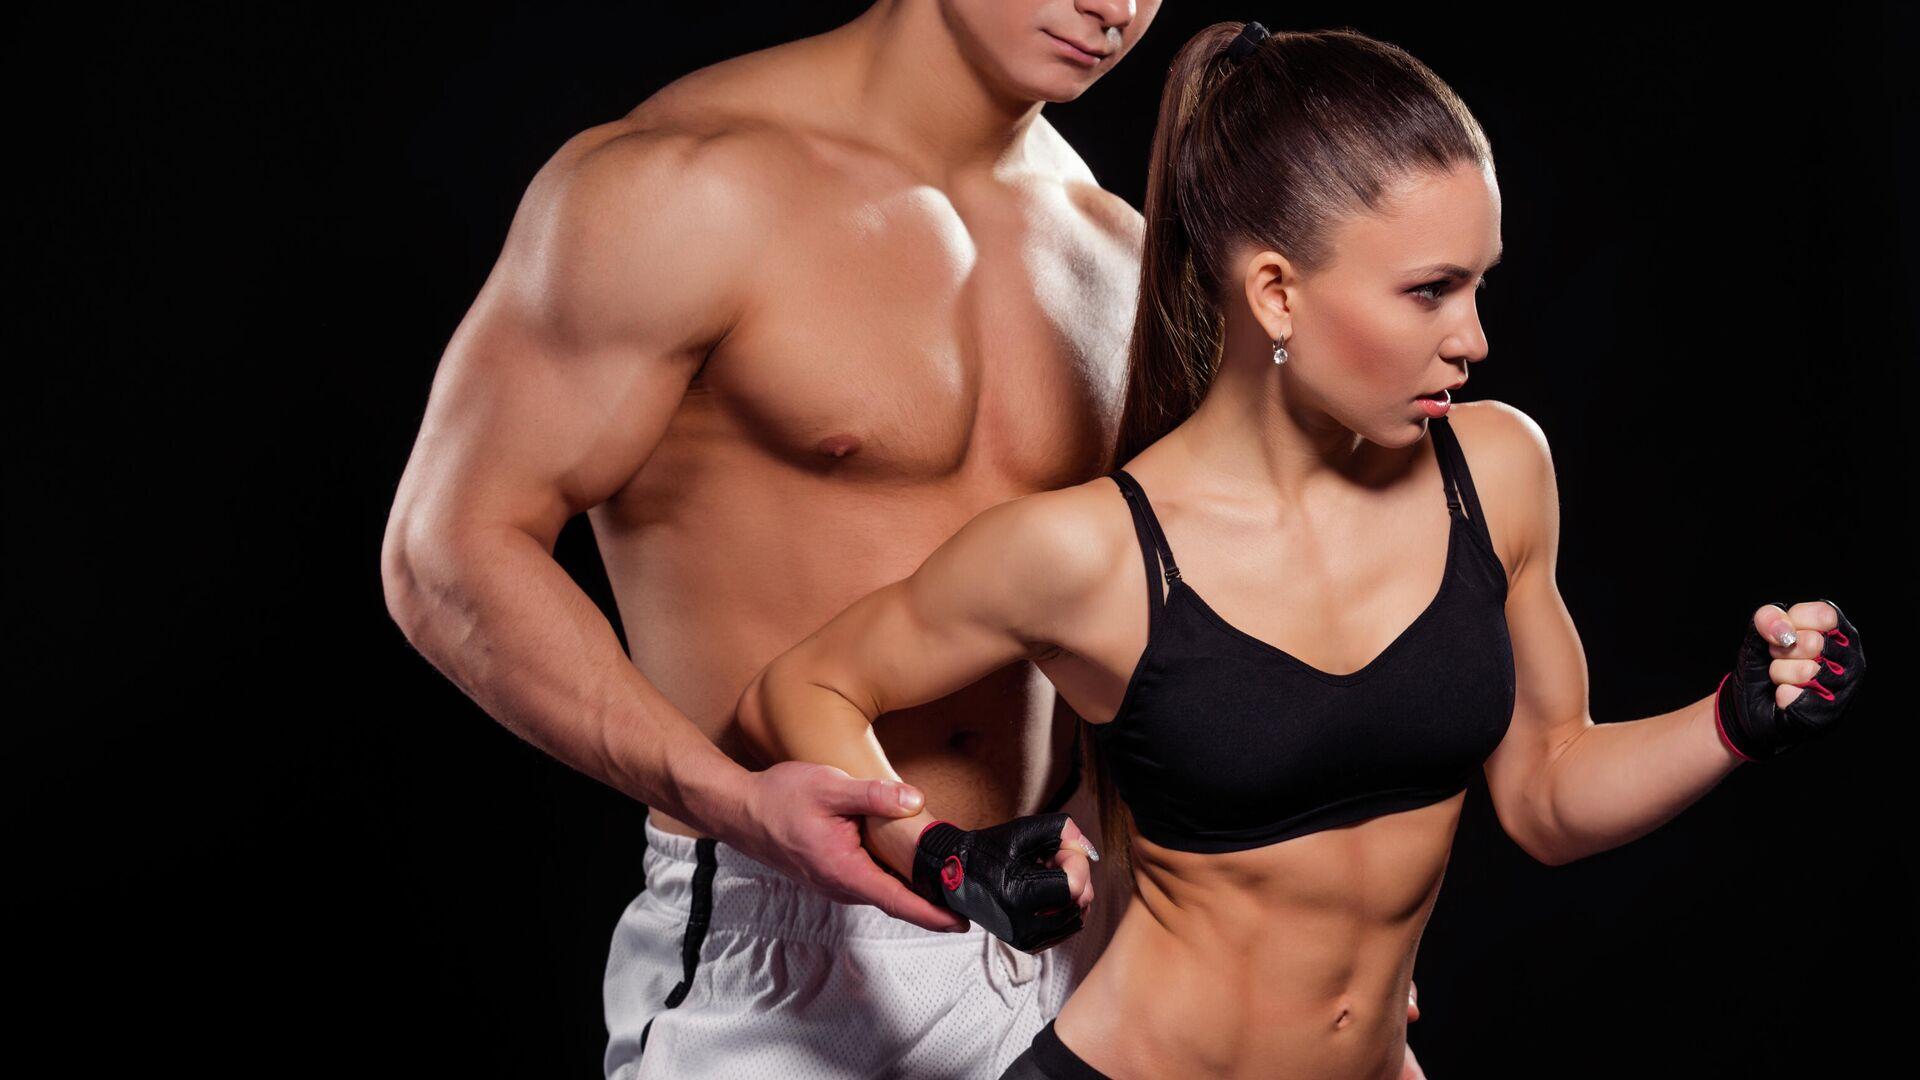 Молодой человек и девушка, занимающиеся фитнесом - РИА Новости, 1920, 13.04.2021